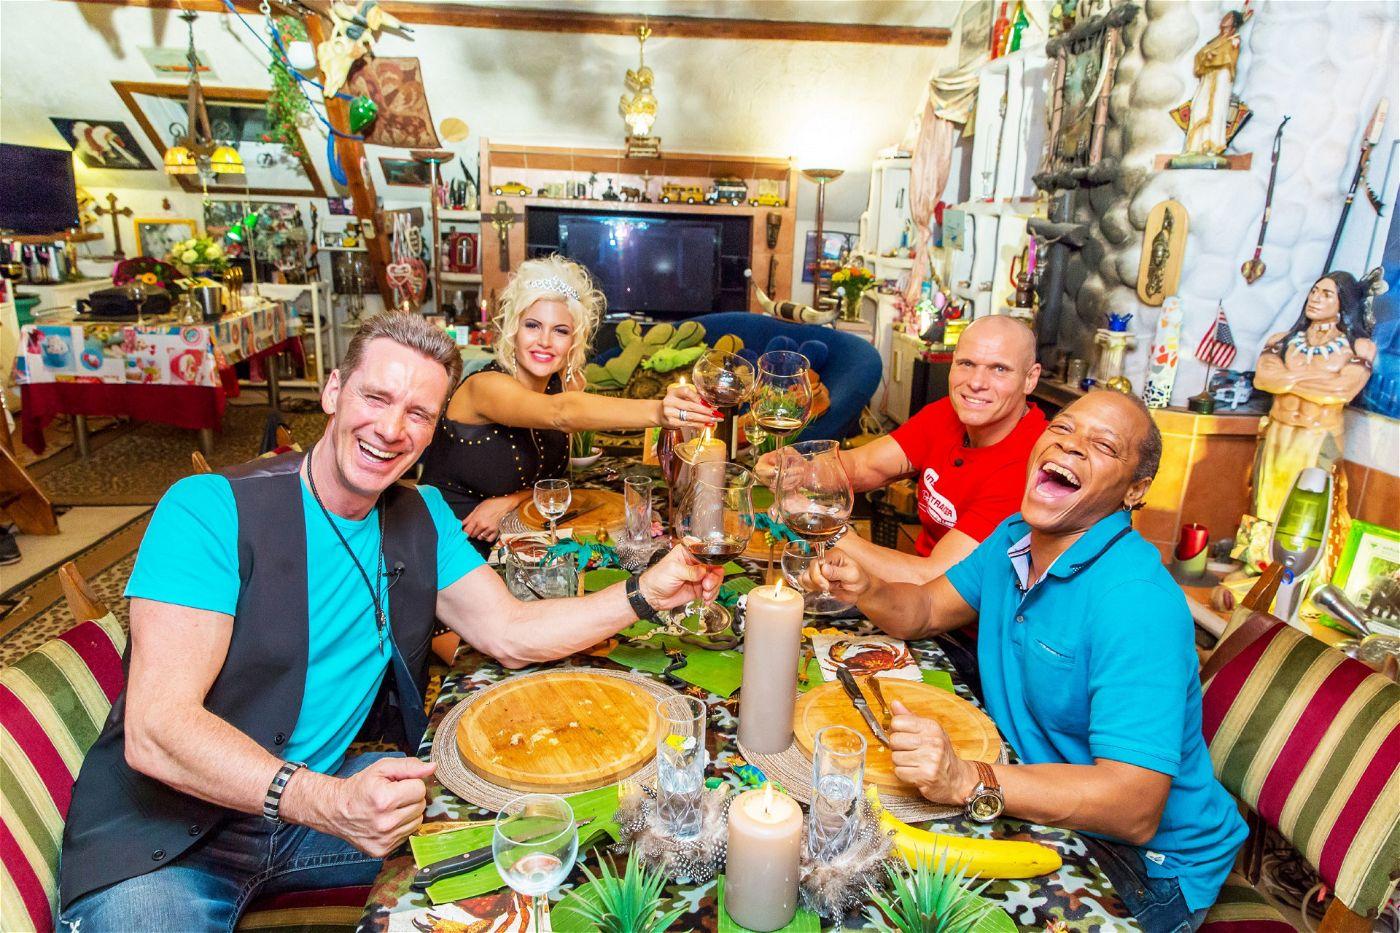 Zum Wohl: Jürgen Milski, Sophia Wollersheim, Thorsten Legat und Ricky Harris beim Dschungel-Spezial vom perfekten Promi-Dinner.